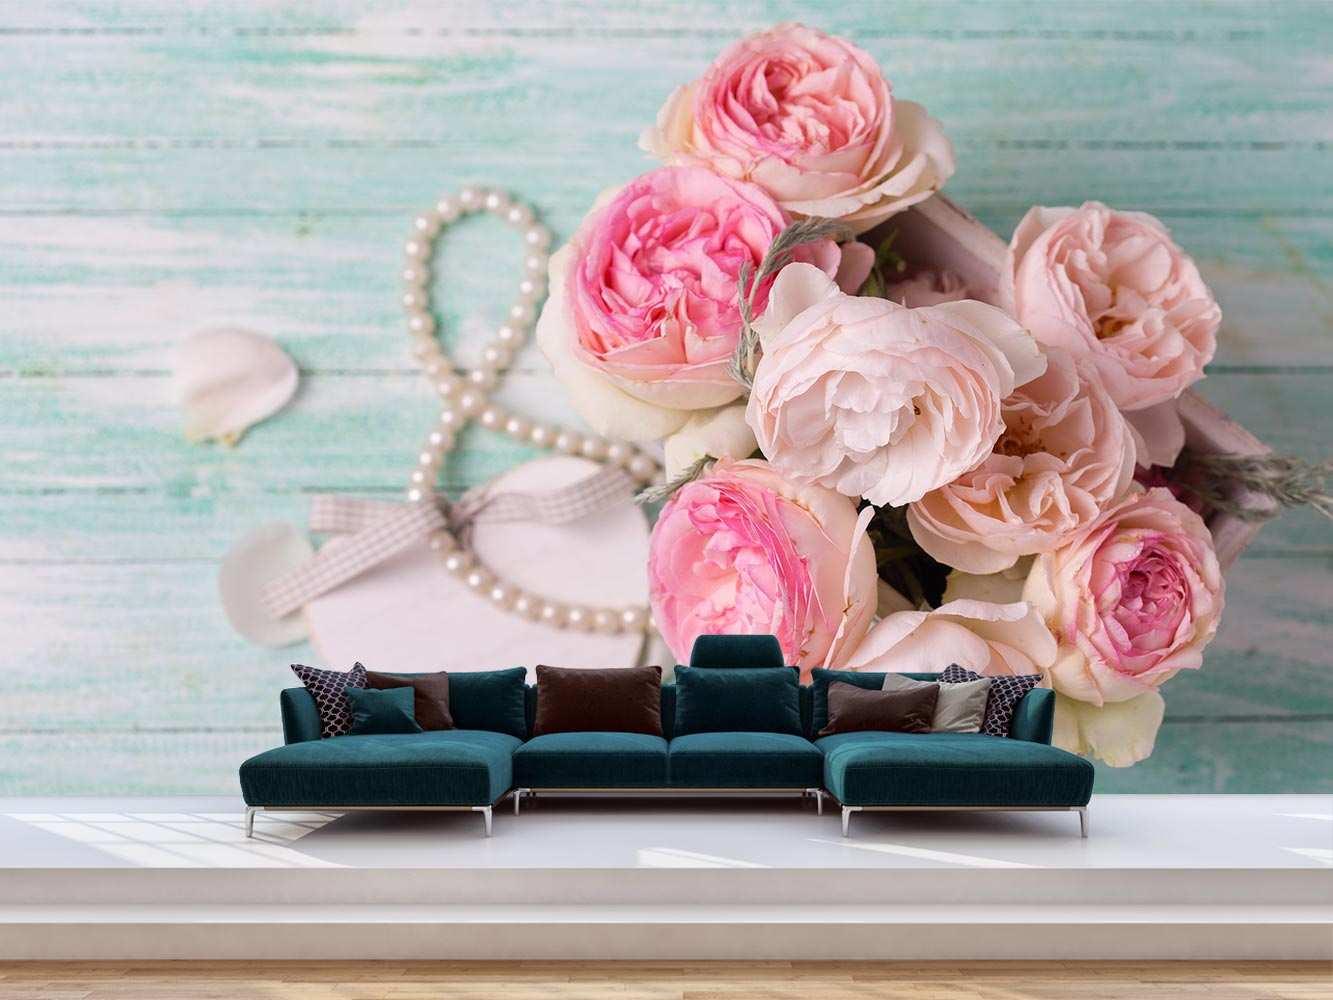 Fotomural Vinilo Floral Ramo Rosas | Carteles XXL - Impresión carteleria publicitaria